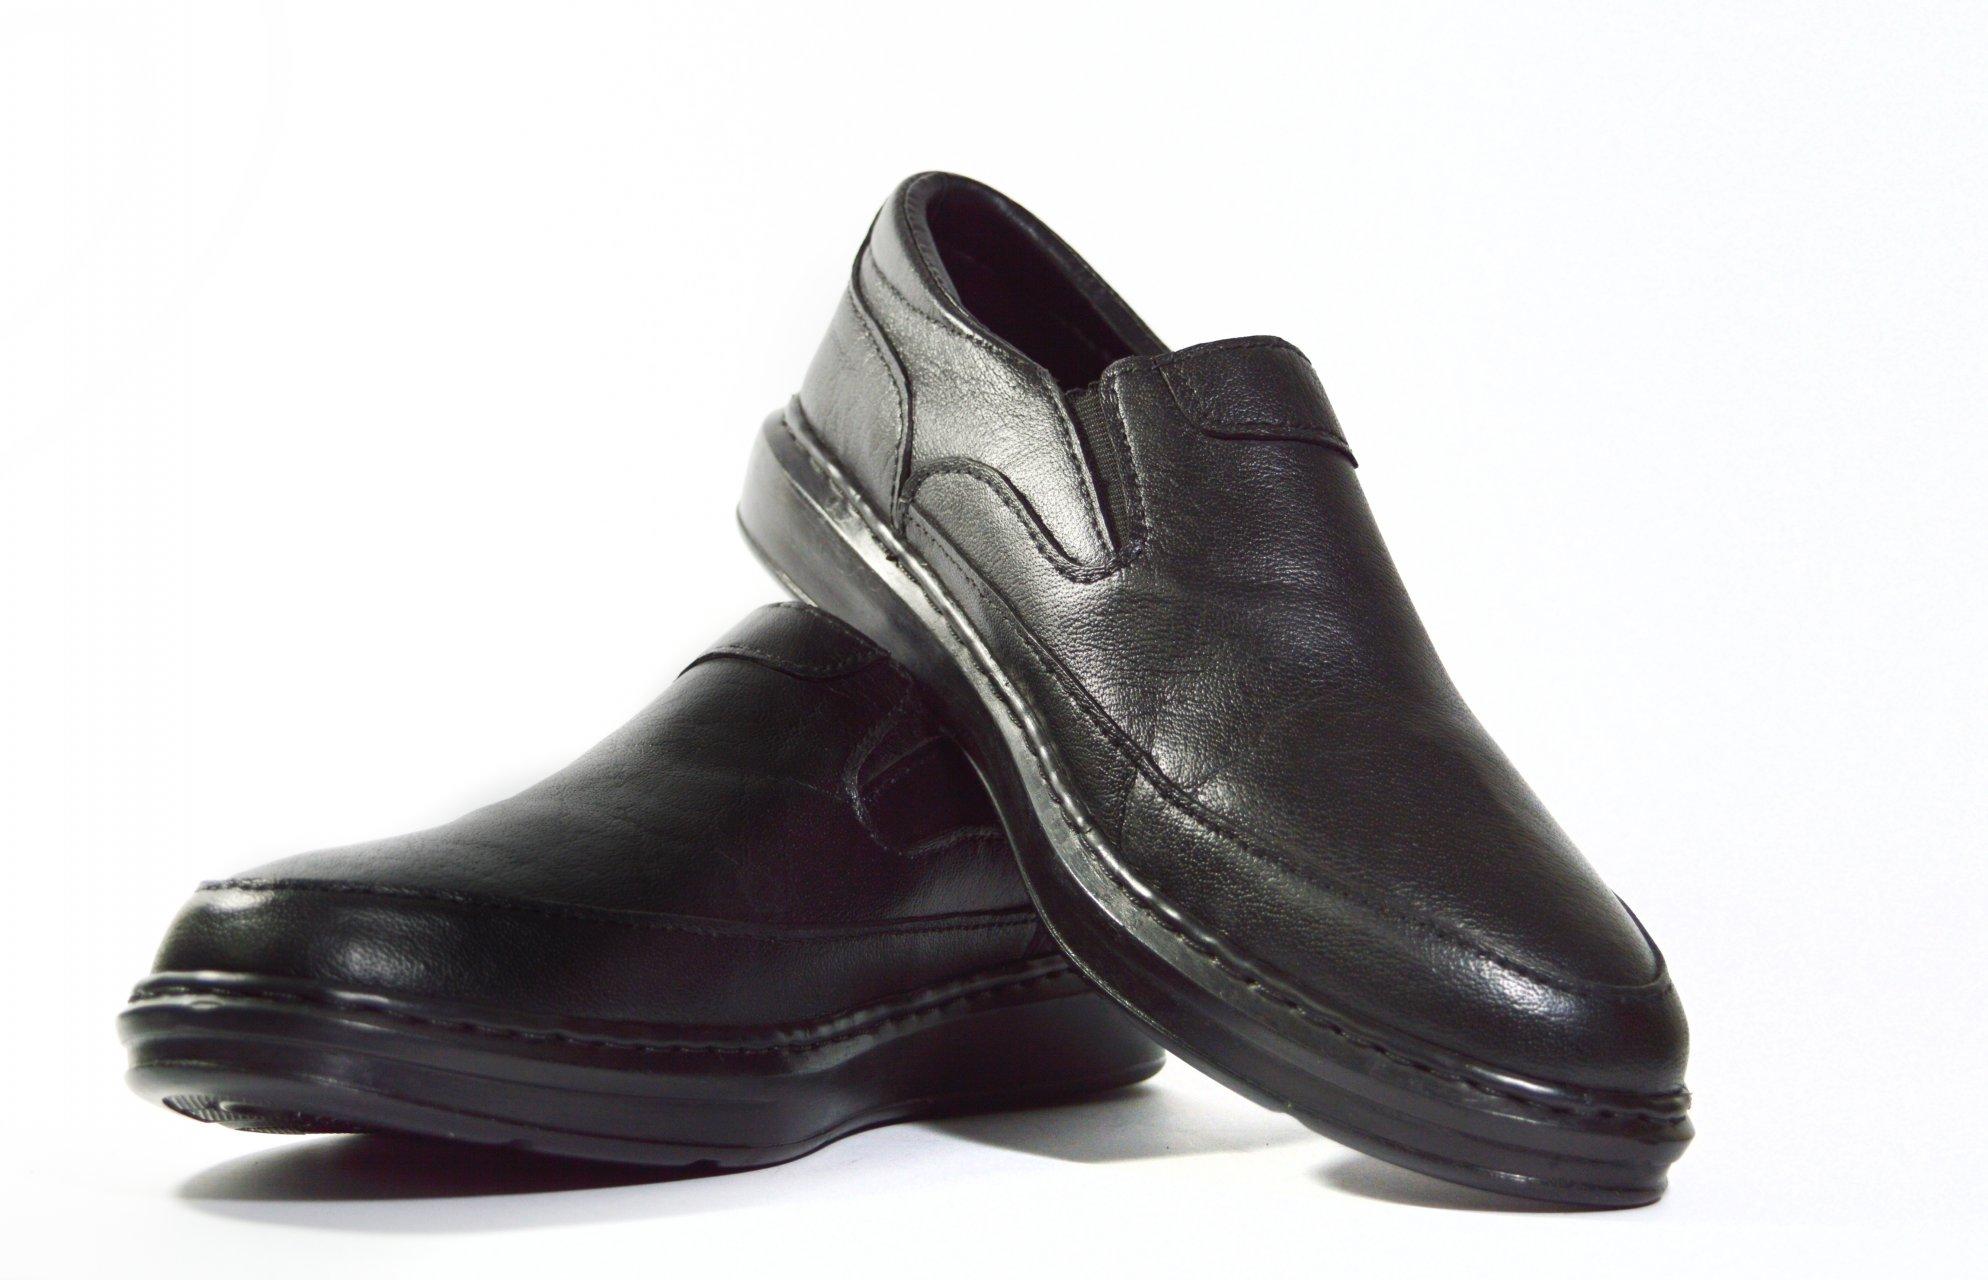 کفش طبی مردانه رنگ مشکی مدل K508